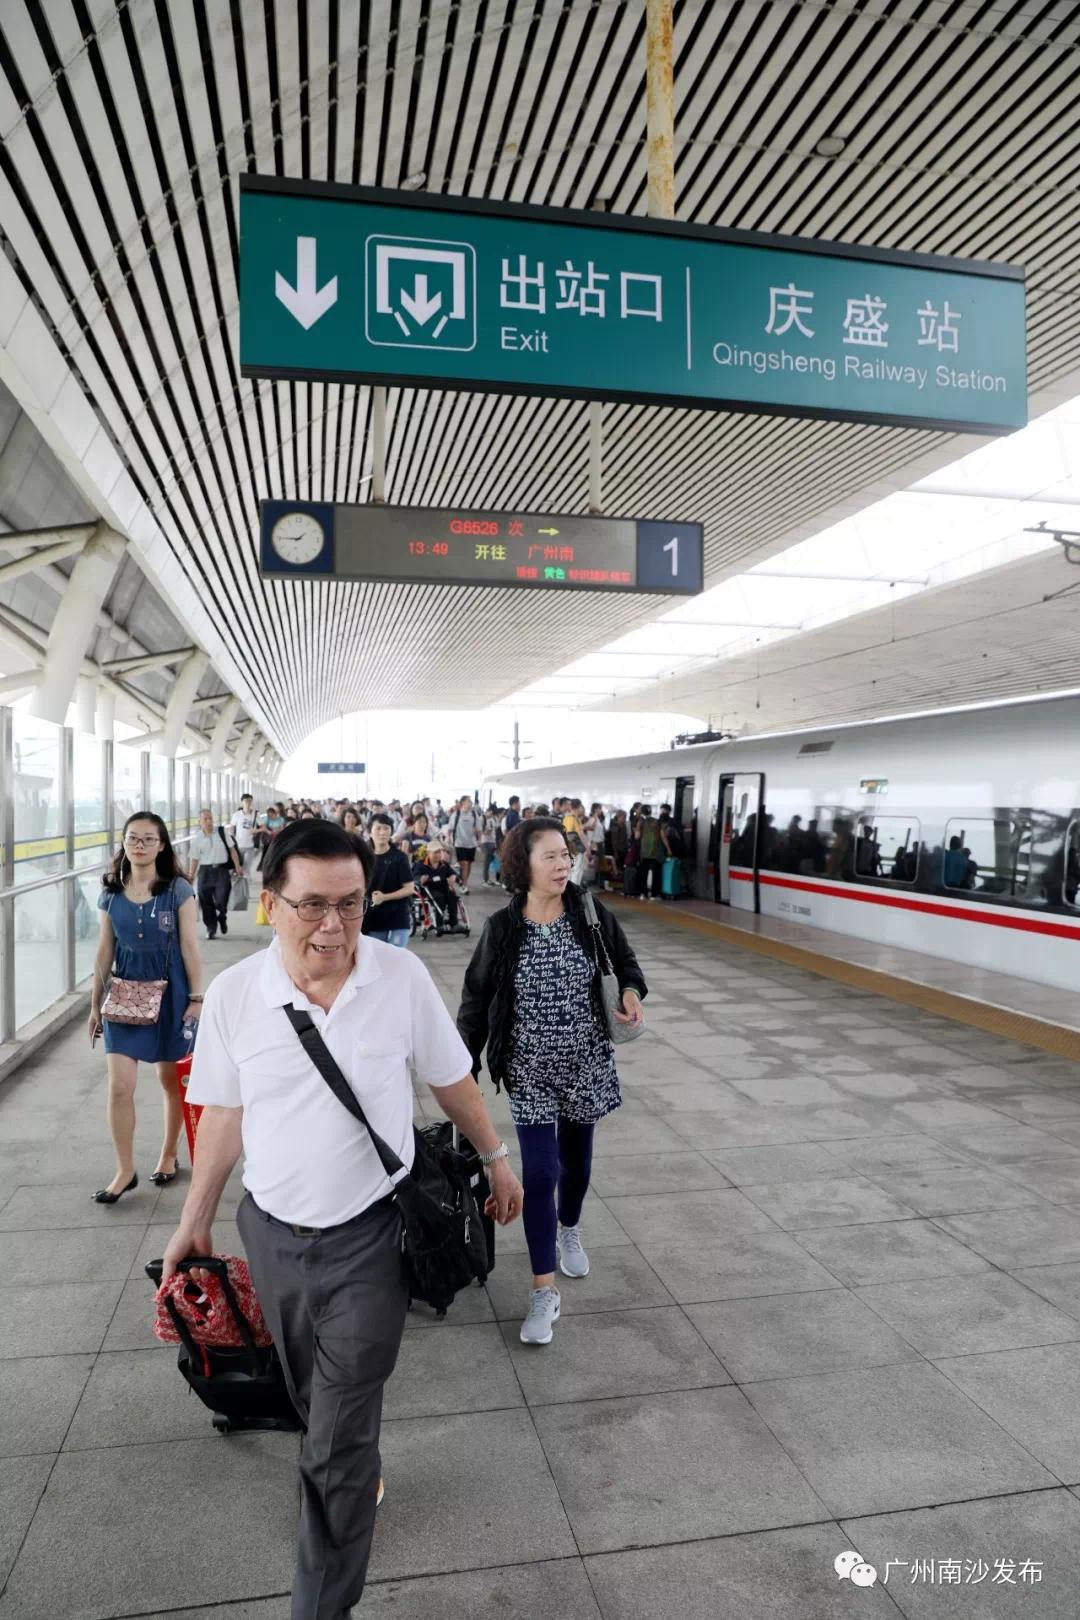 小南亲测!直击广深港高铁开通首日,从南沙庆盛至香港全记录